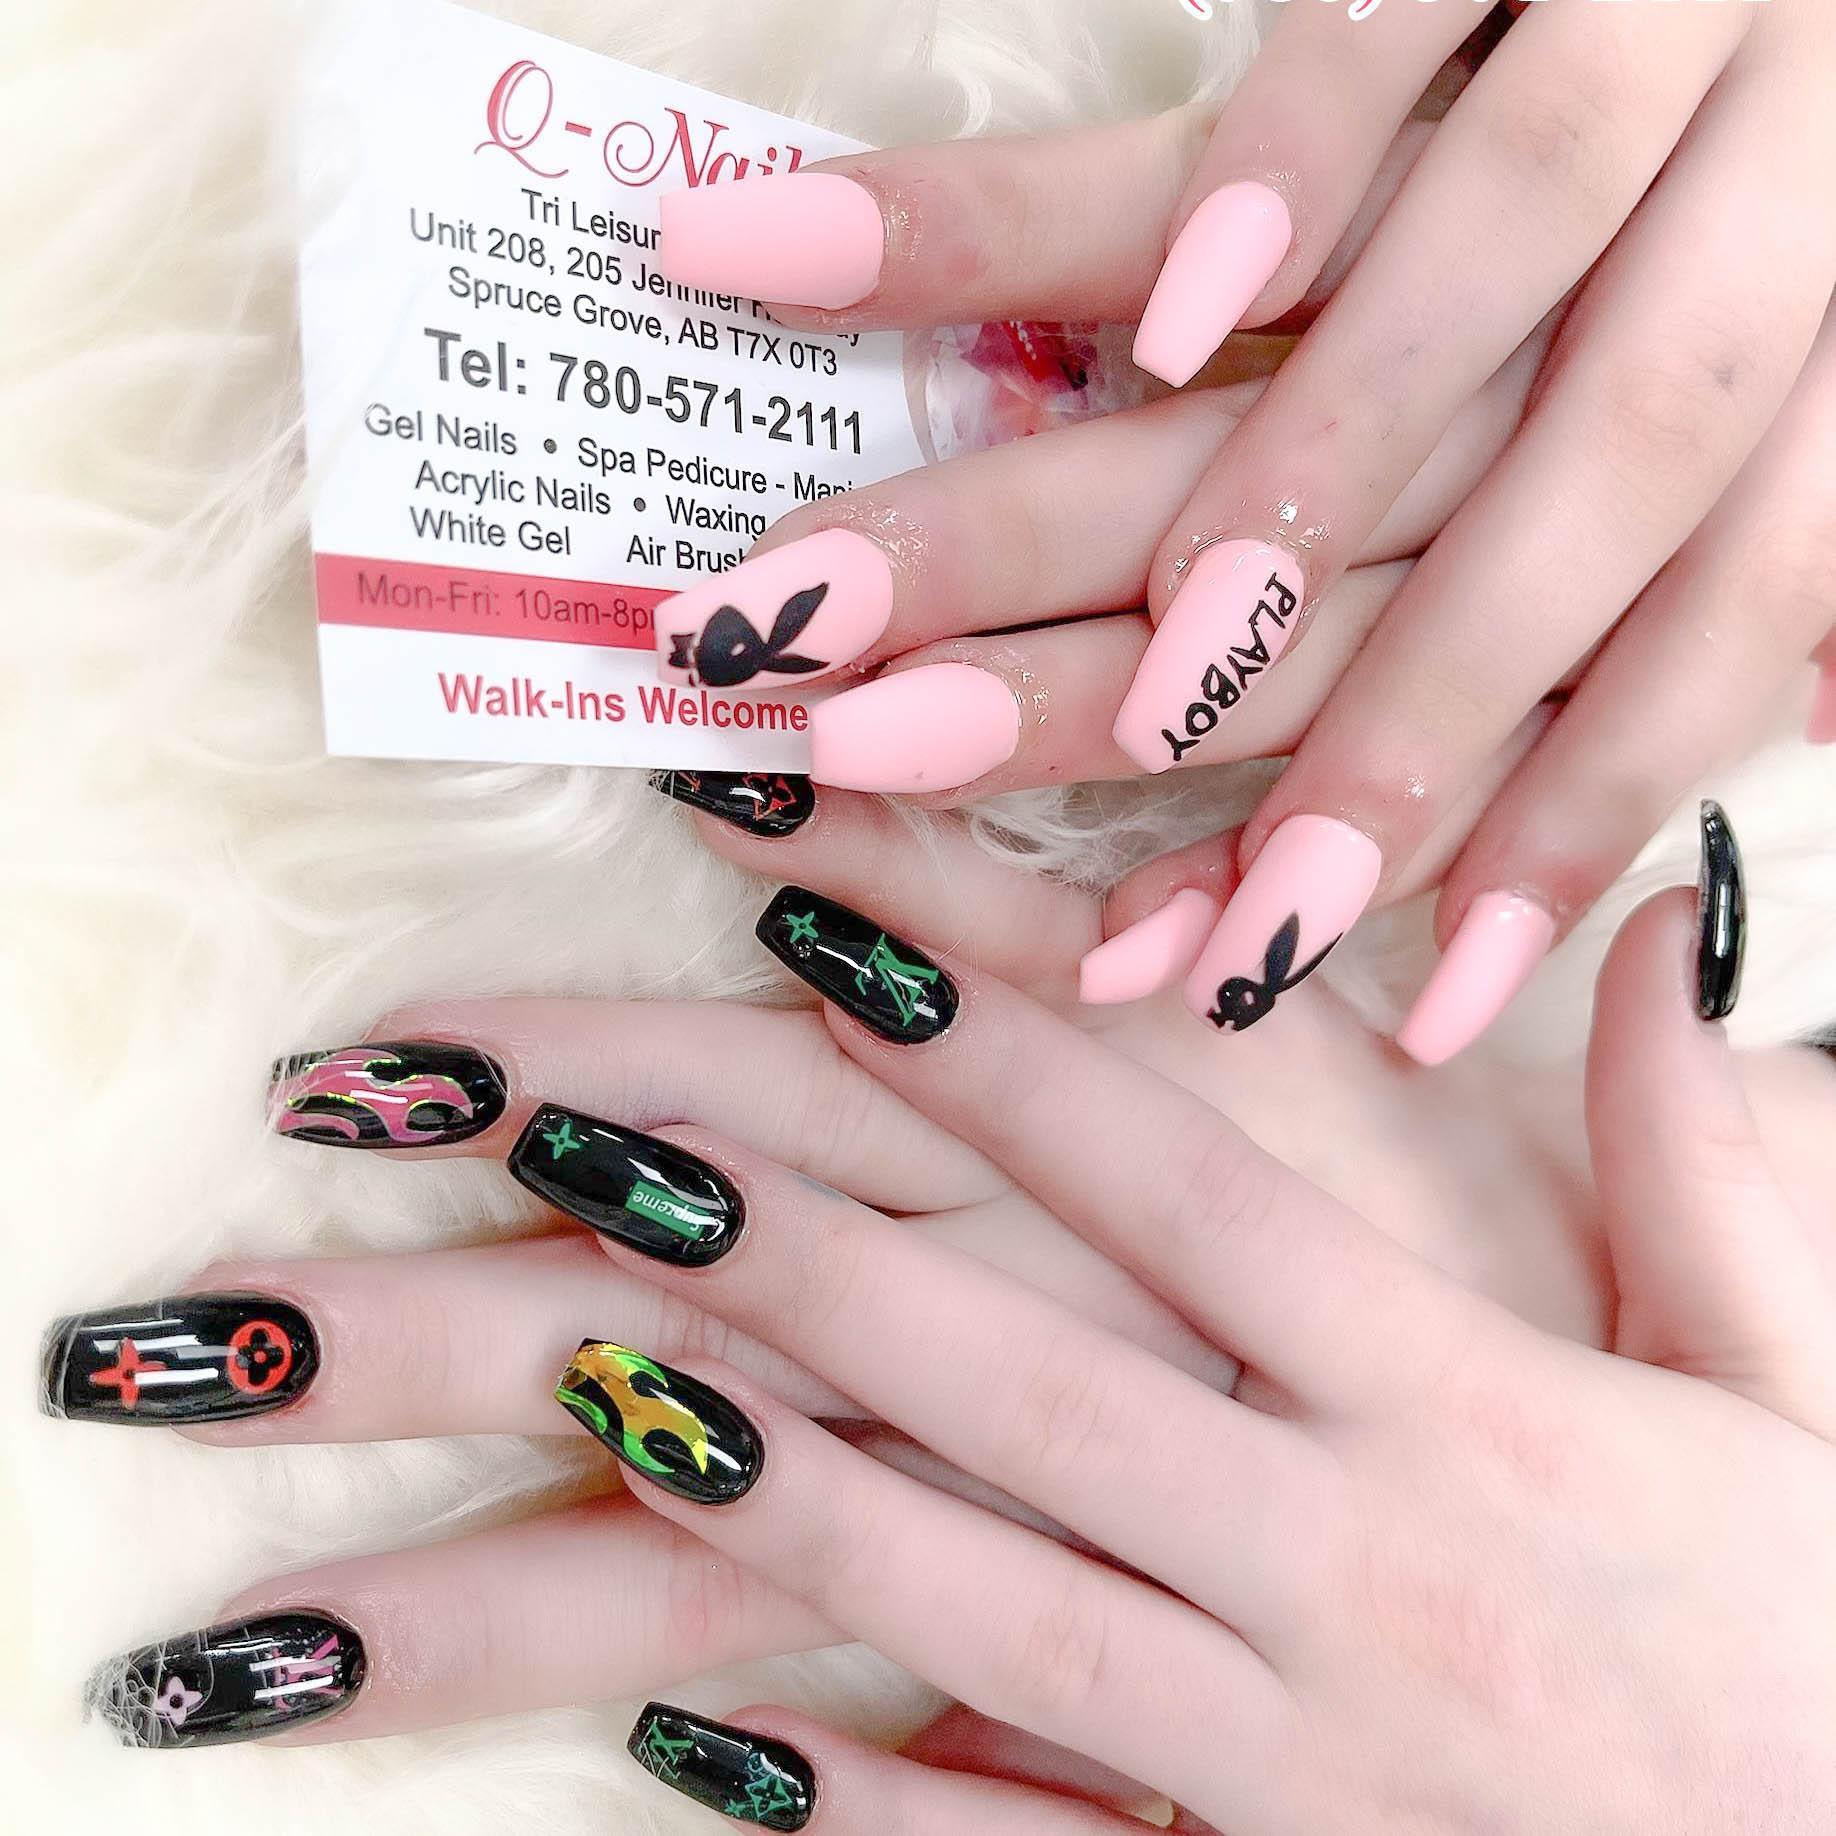 Q-Nails Tri Leisure Village | Nail salon T7X 0T3 | Spruce Grove, AB